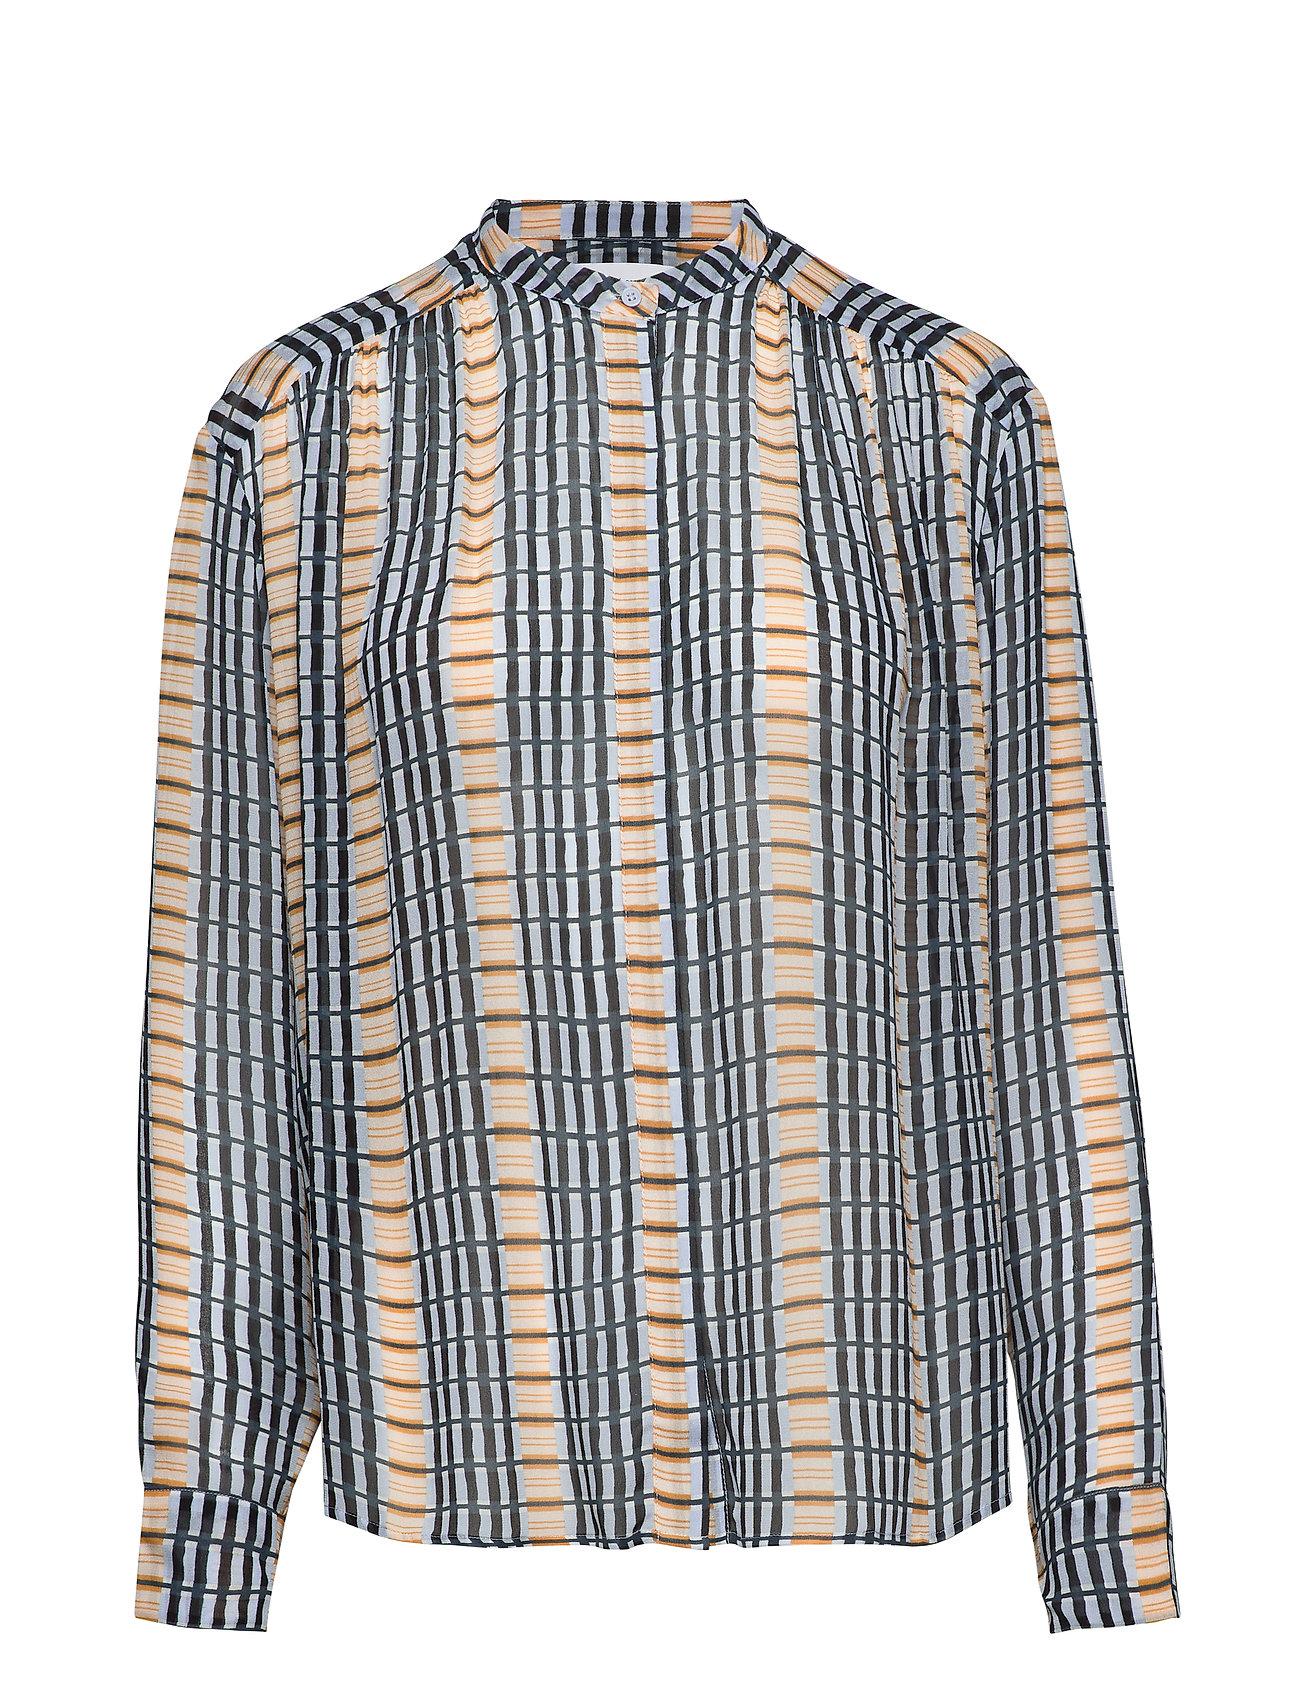 Samsøe & Samsøe Elmy shirt aop 9695 - INCA CHECK